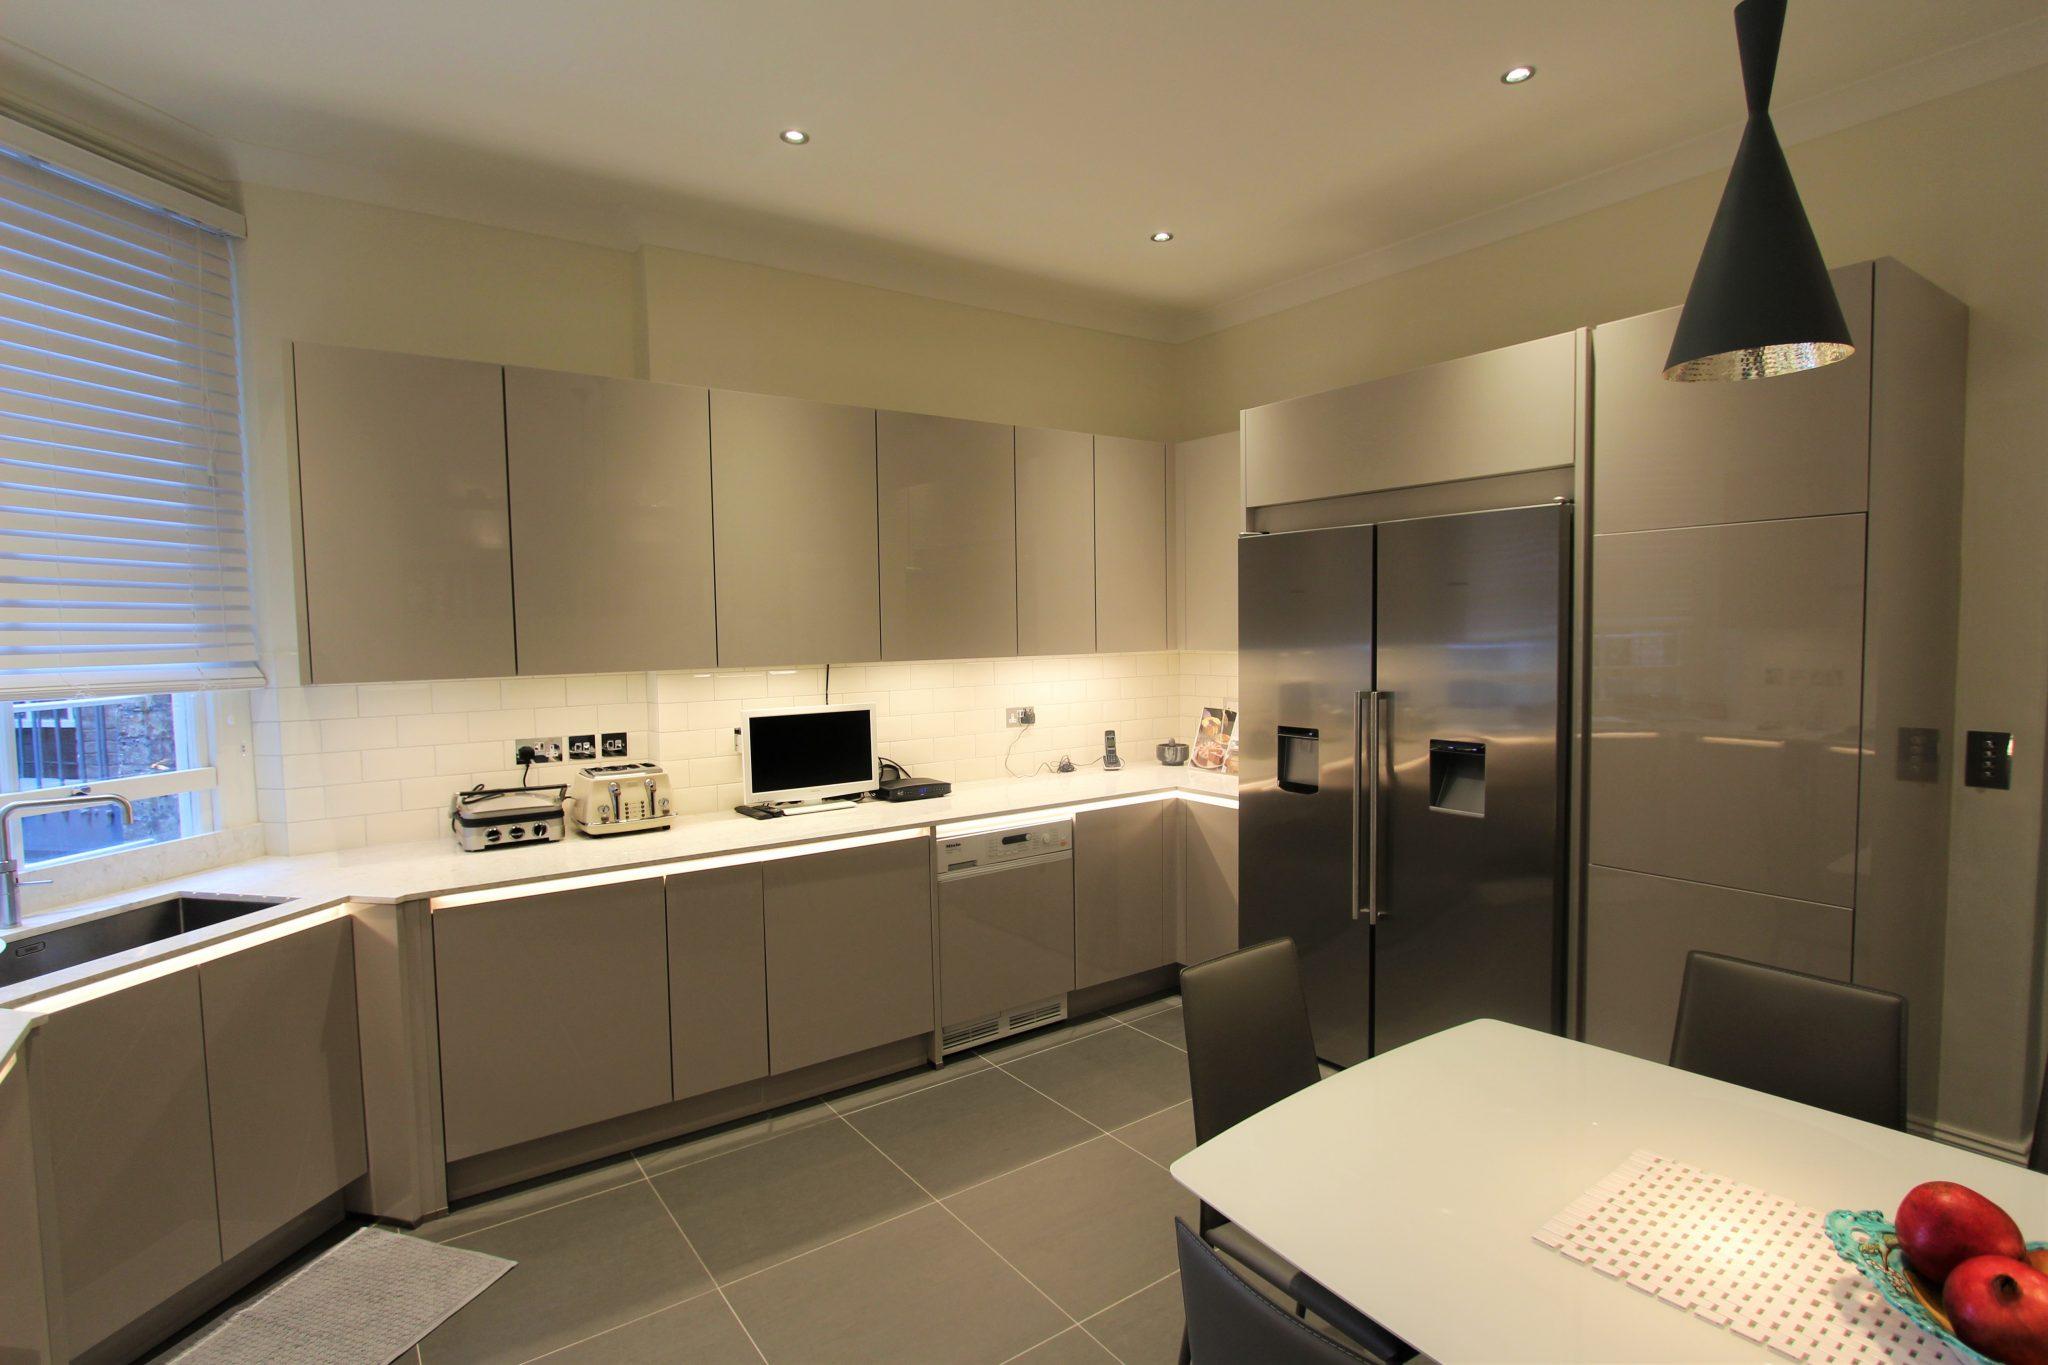 leicht-kitchen-showroom-wimbledon